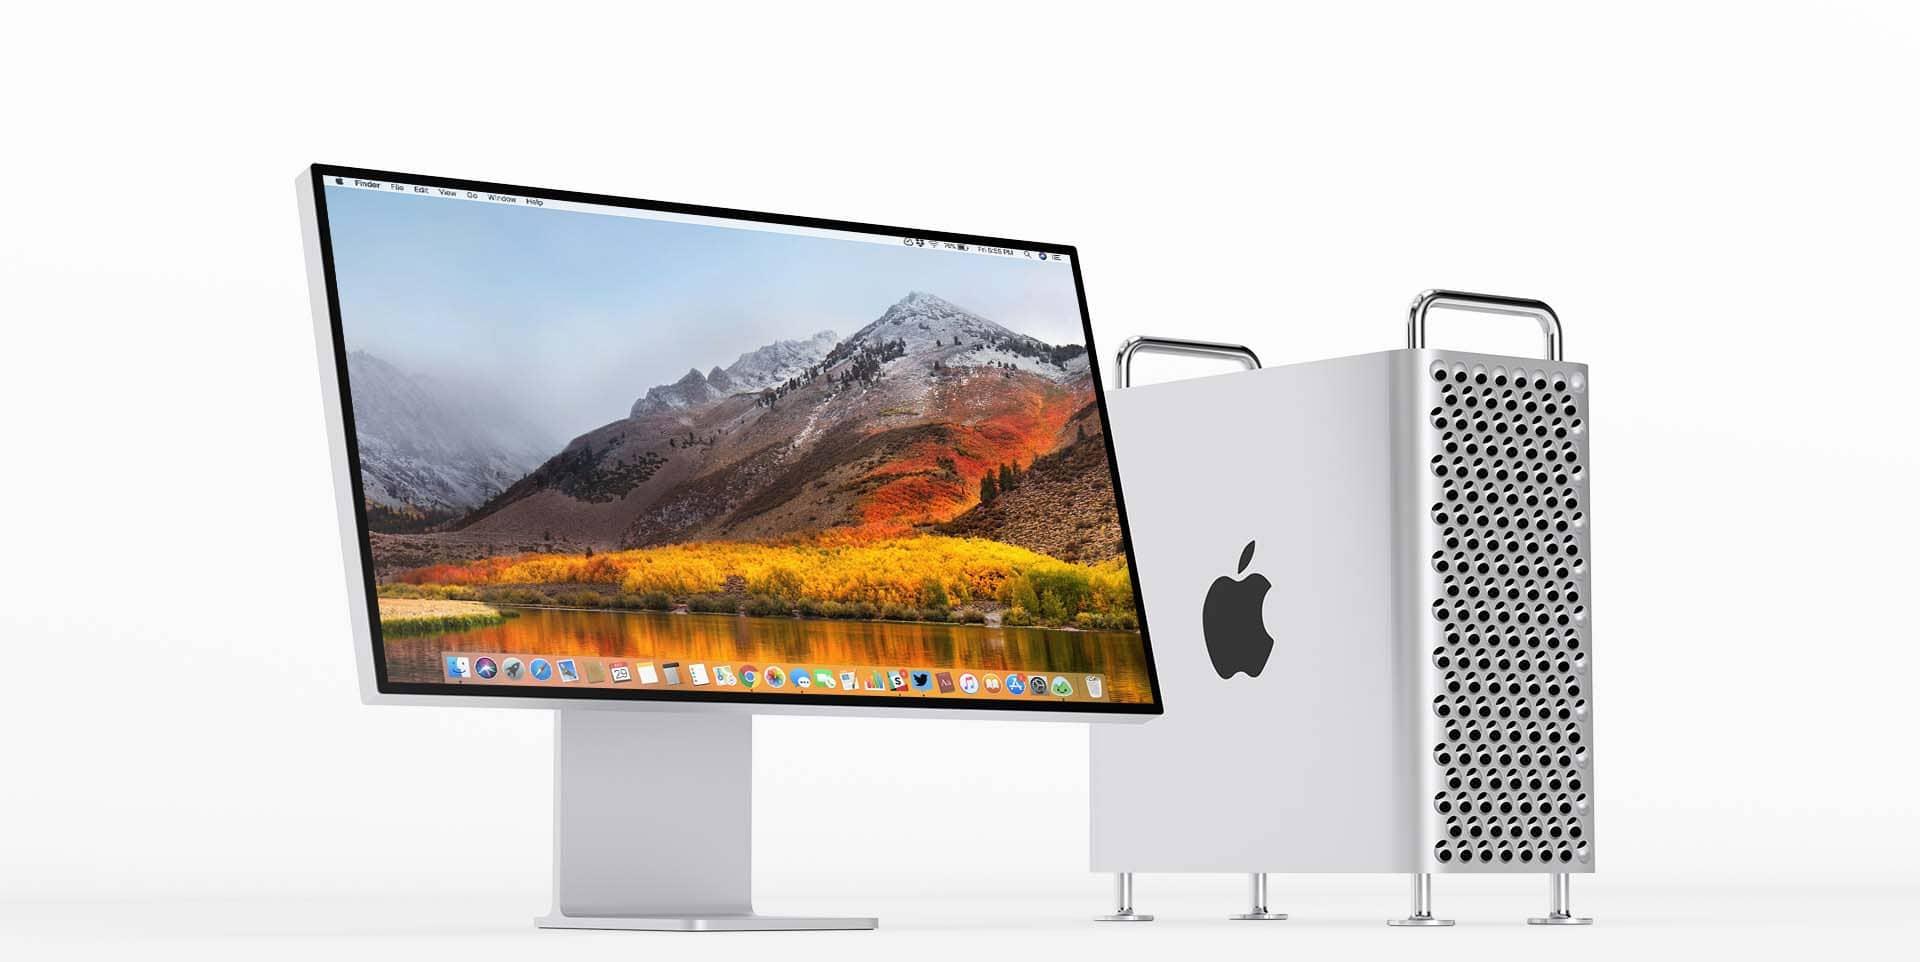 Pro display XDR di Apple appoggiato su una scrivania di un ufficio